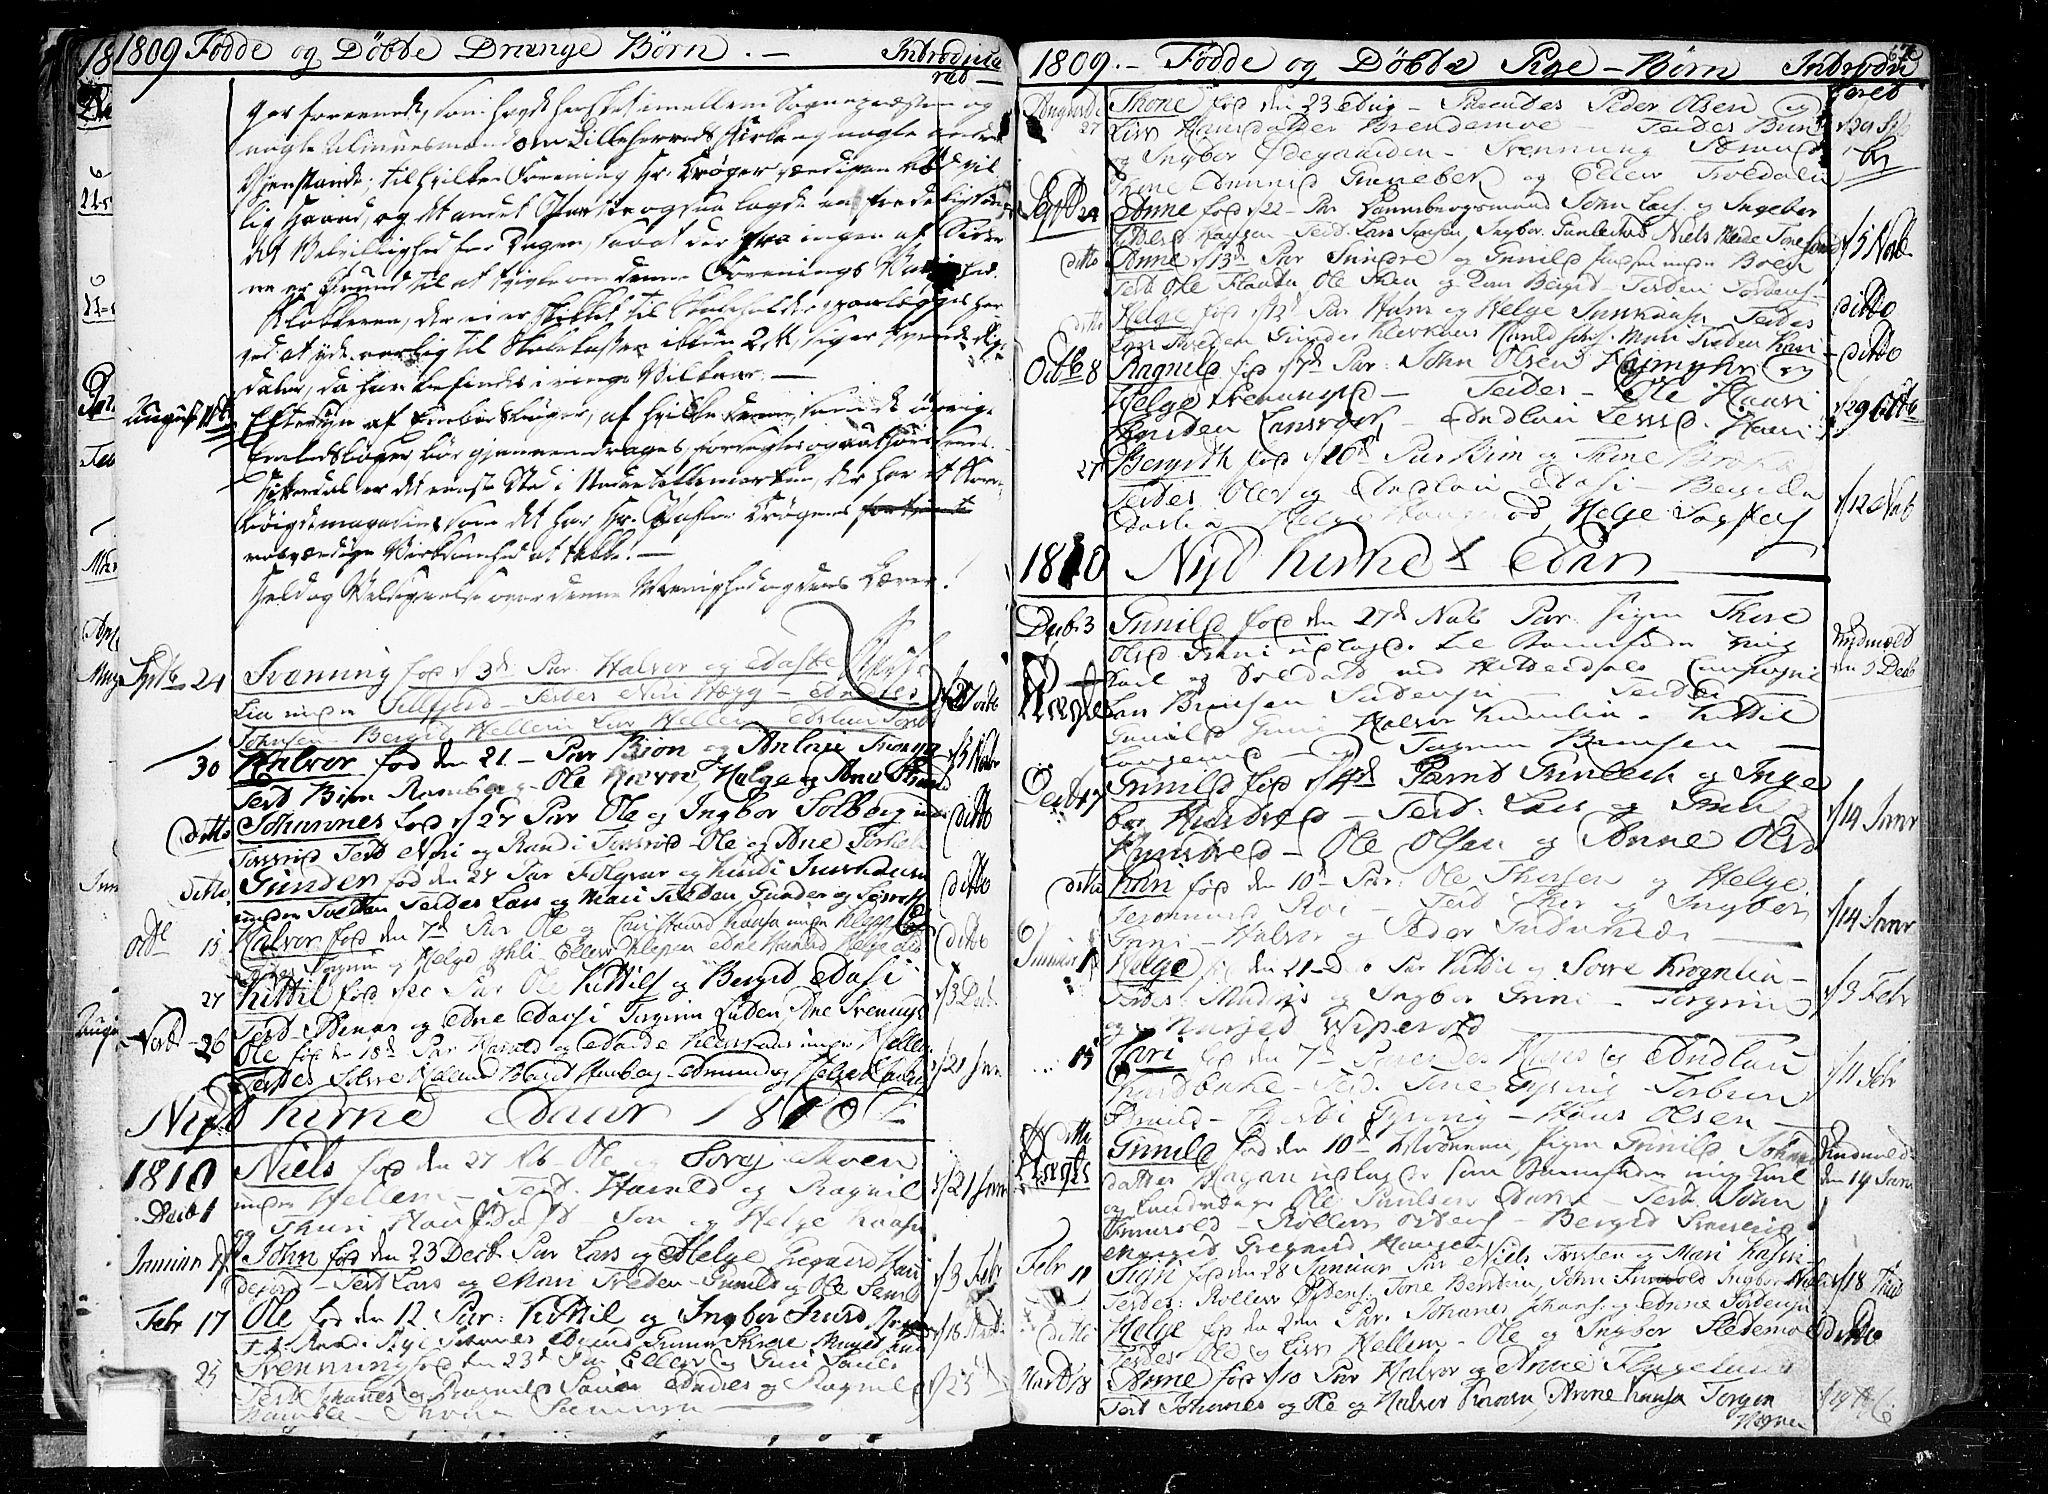 SAKO, Heddal kirkebøker, F/Fa/L0004: Ministerialbok nr. I 4, 1784-1814, s. 67